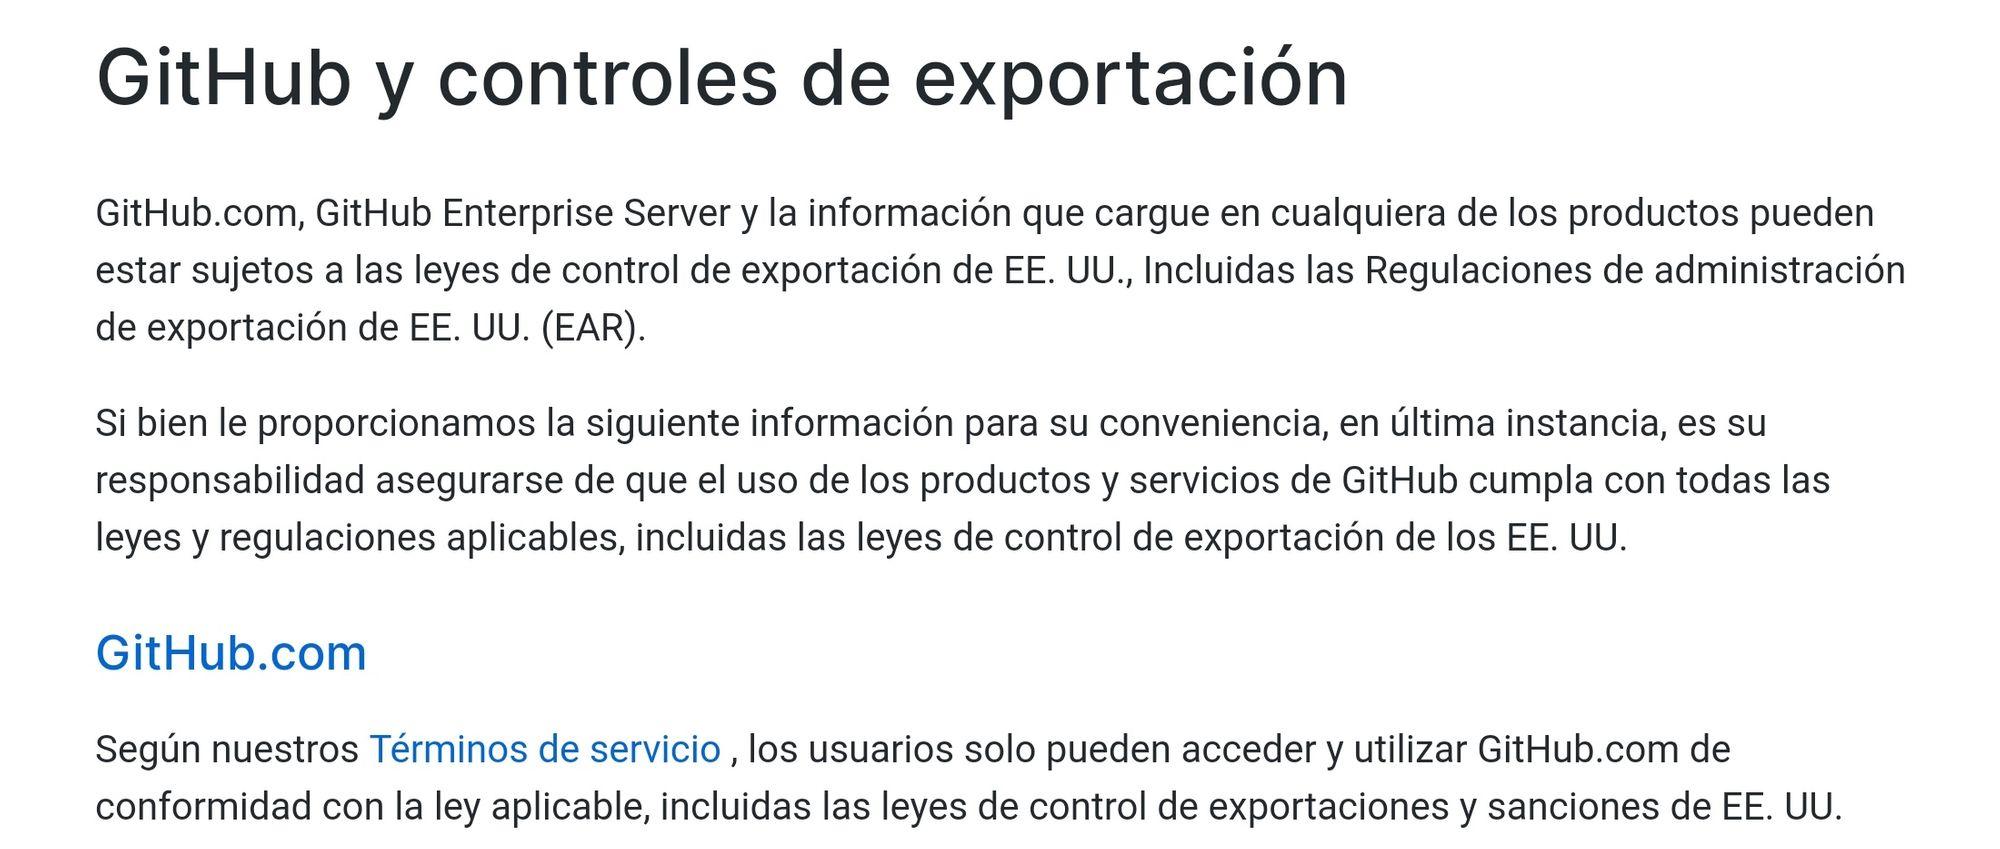 Condiciones GitHub Exportación